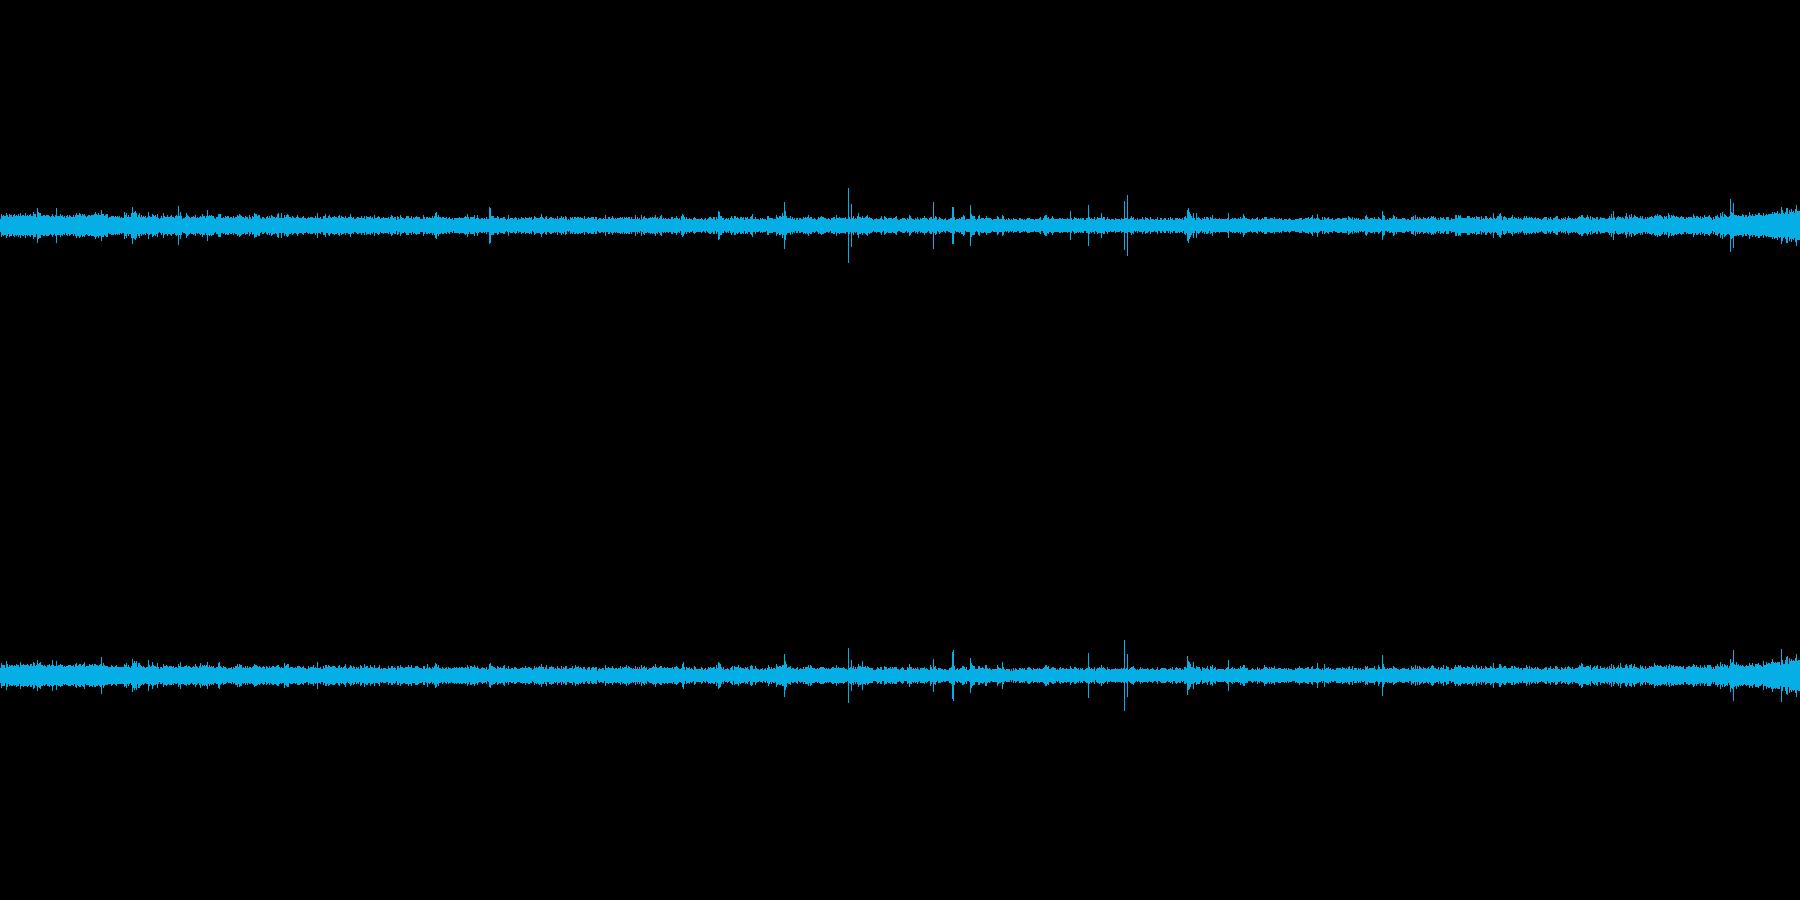 【生音】 梅雨 - 豪雨_28の再生済みの波形